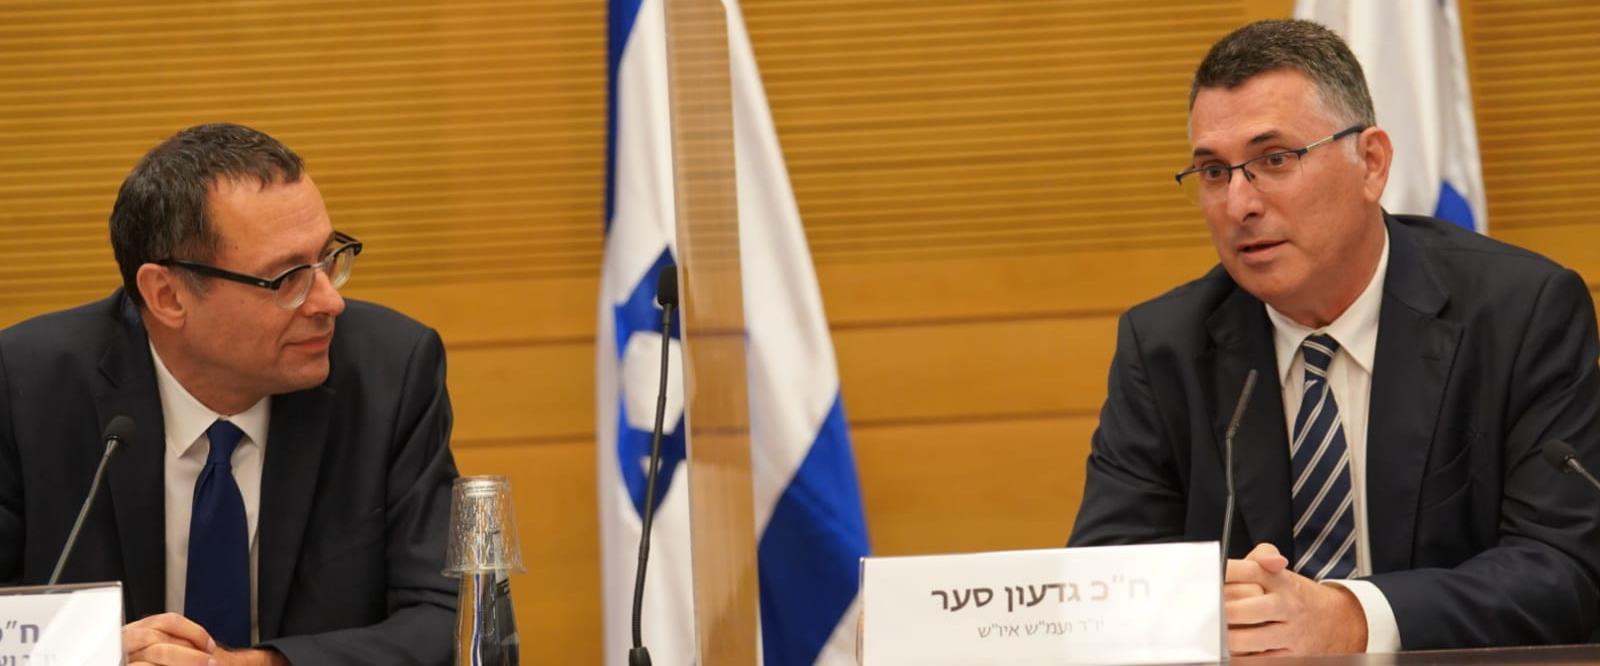 צבי האוזר וגדעון סער בפתח הישיבה בוועדת חוץ וביטחו